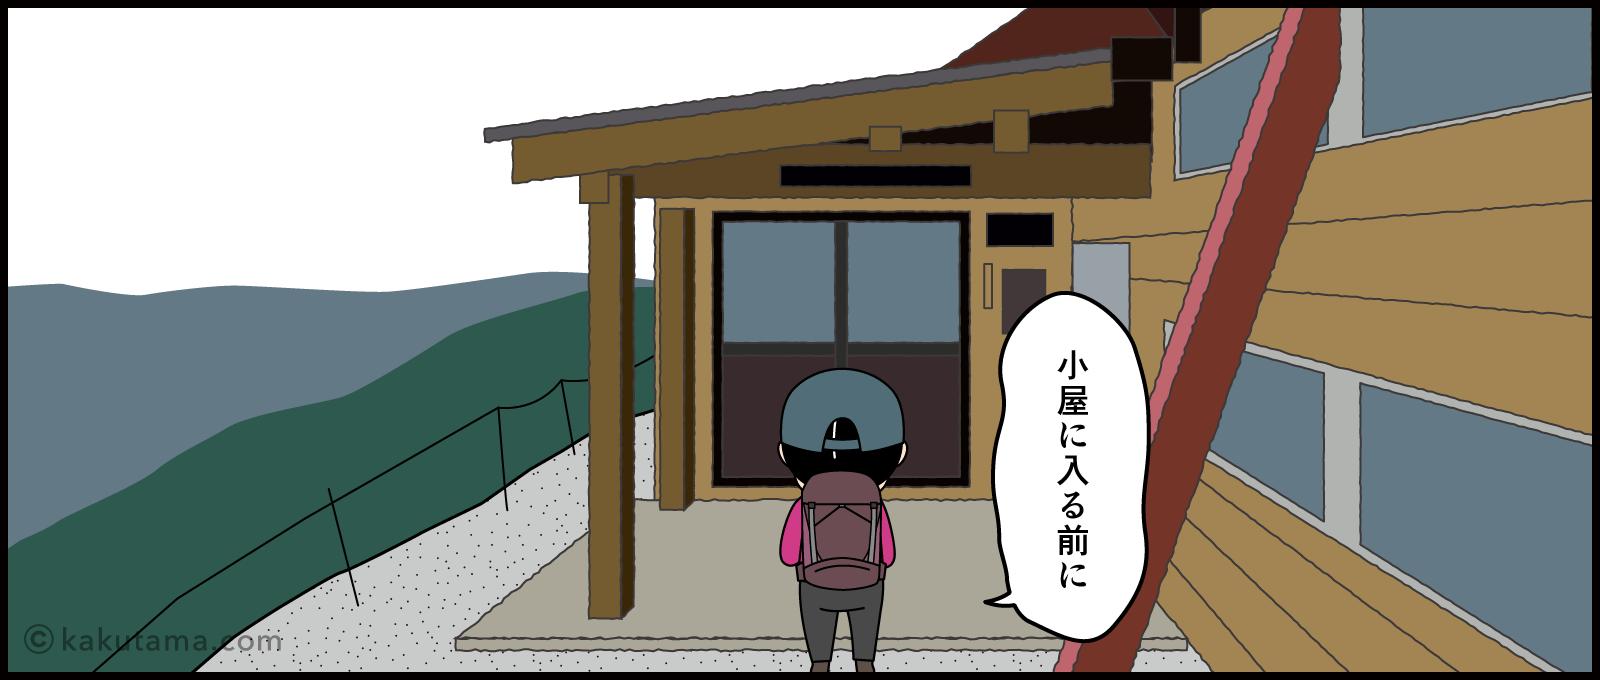 山小屋に入るときの漫画